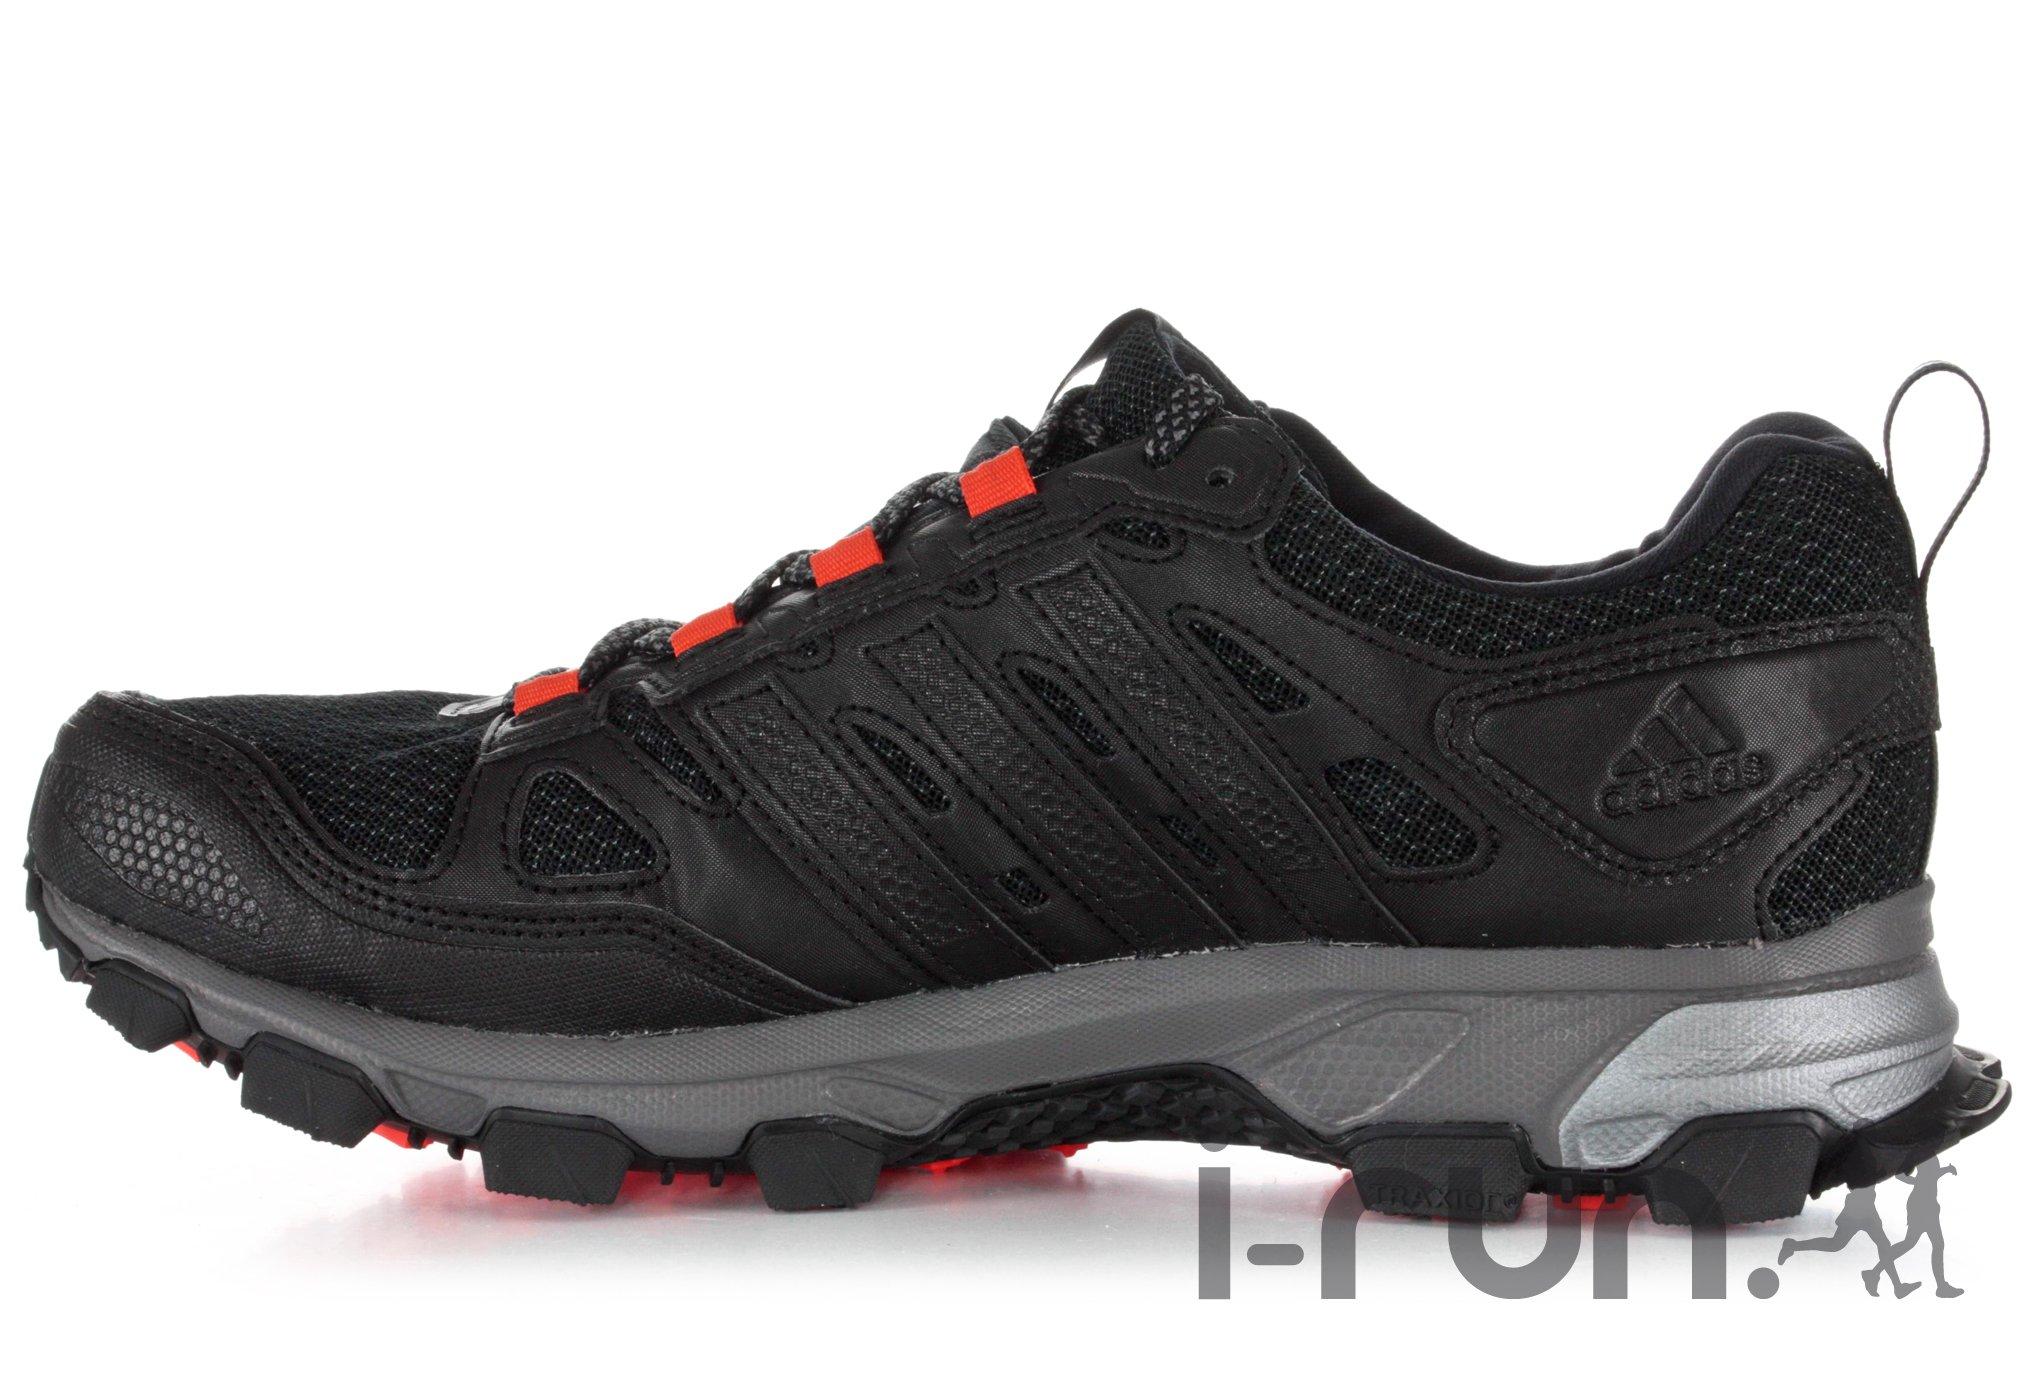 purchase cheap 5cd3e 3bdbb ... adidas response trail 21 gore tex m chaussures homme 65799 0 sz